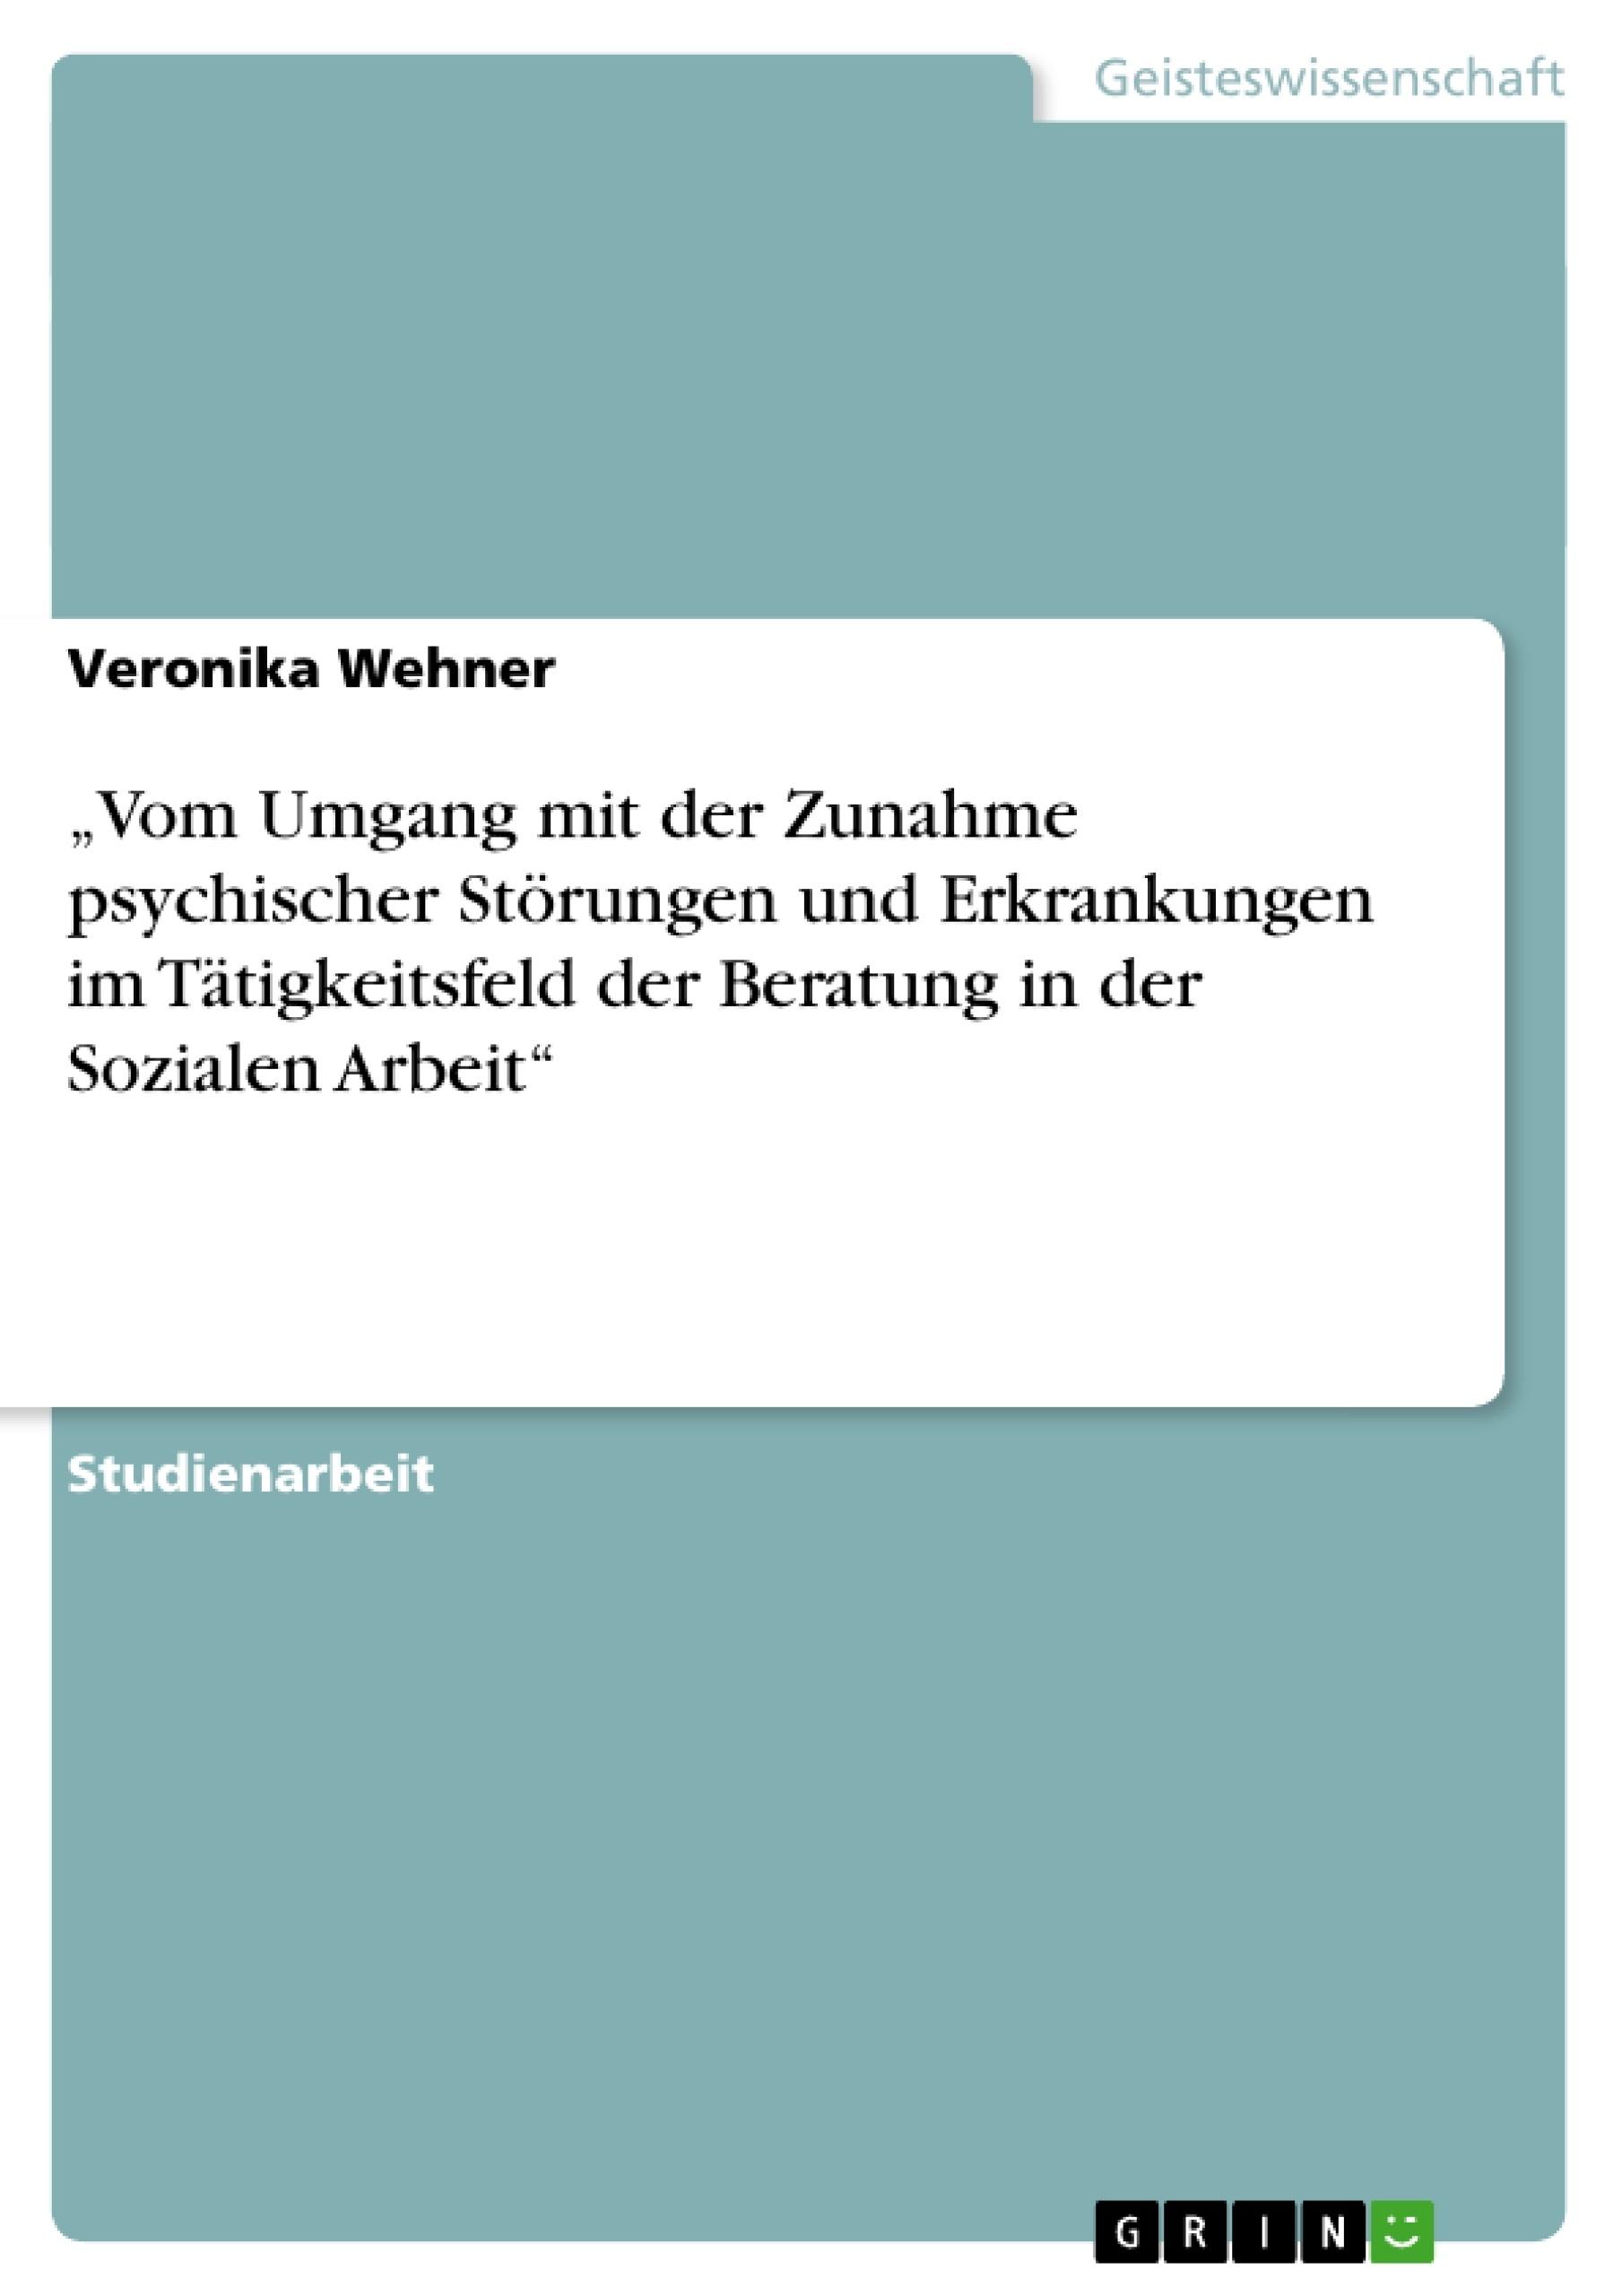 """Titel: """"Vom Umgang mit der Zunahme psychischer Störungen und Erkrankungen im Tätigkeitsfeld der Beratung in der Sozialen Arbeit"""""""